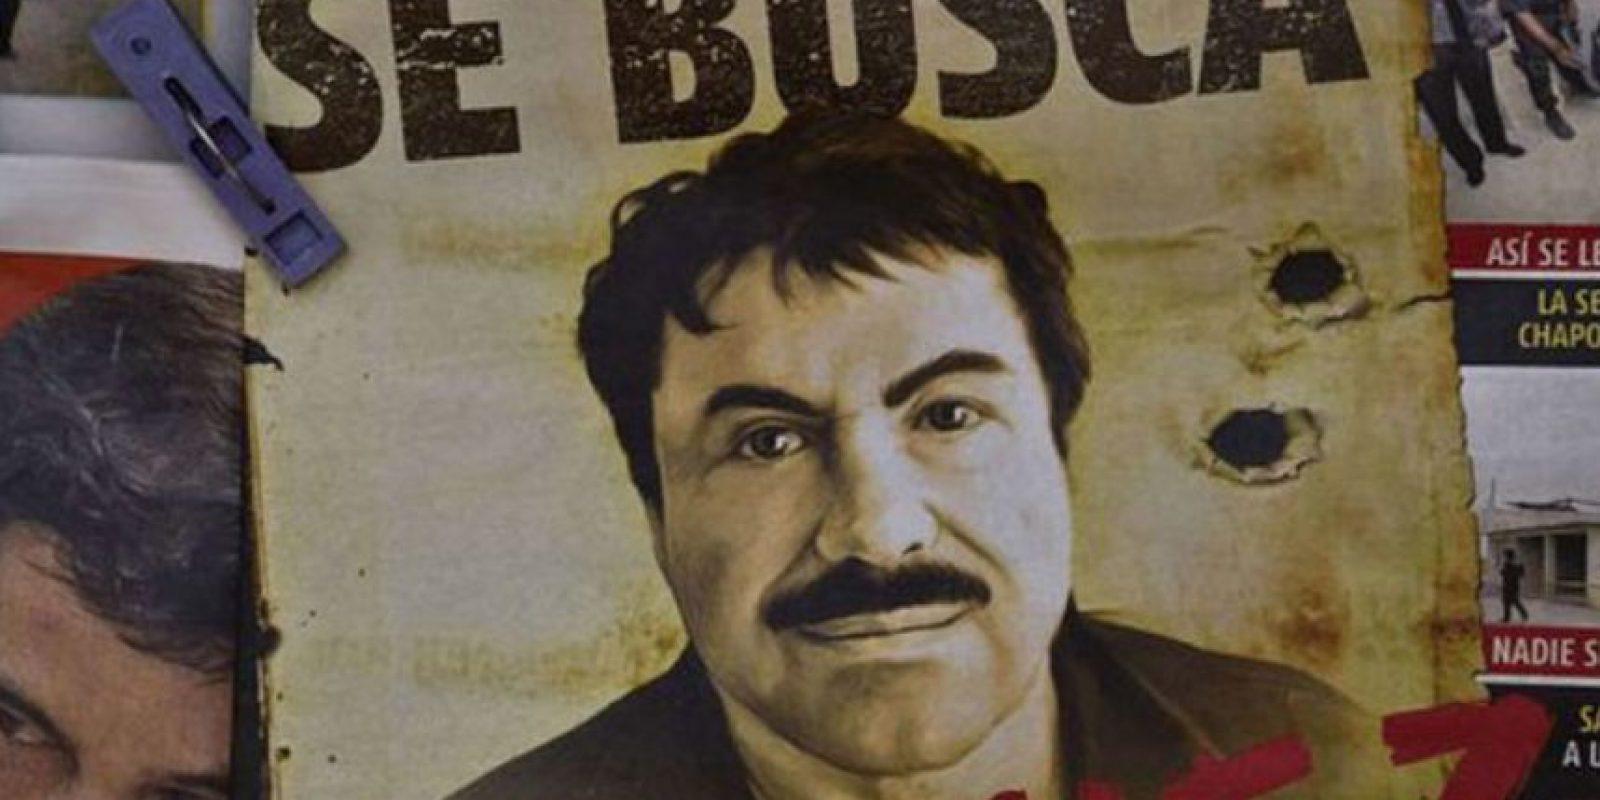 """""""El Chapo"""" Guzmán tiene nueve hijos. Dos han sido noticia porque muestran sus lujos en redes sociales y hablan constantemente de su padre. Son bastante seguidos por eso. Uno de los nueve chicos ya fue asesinado. Foto:vía AFP"""